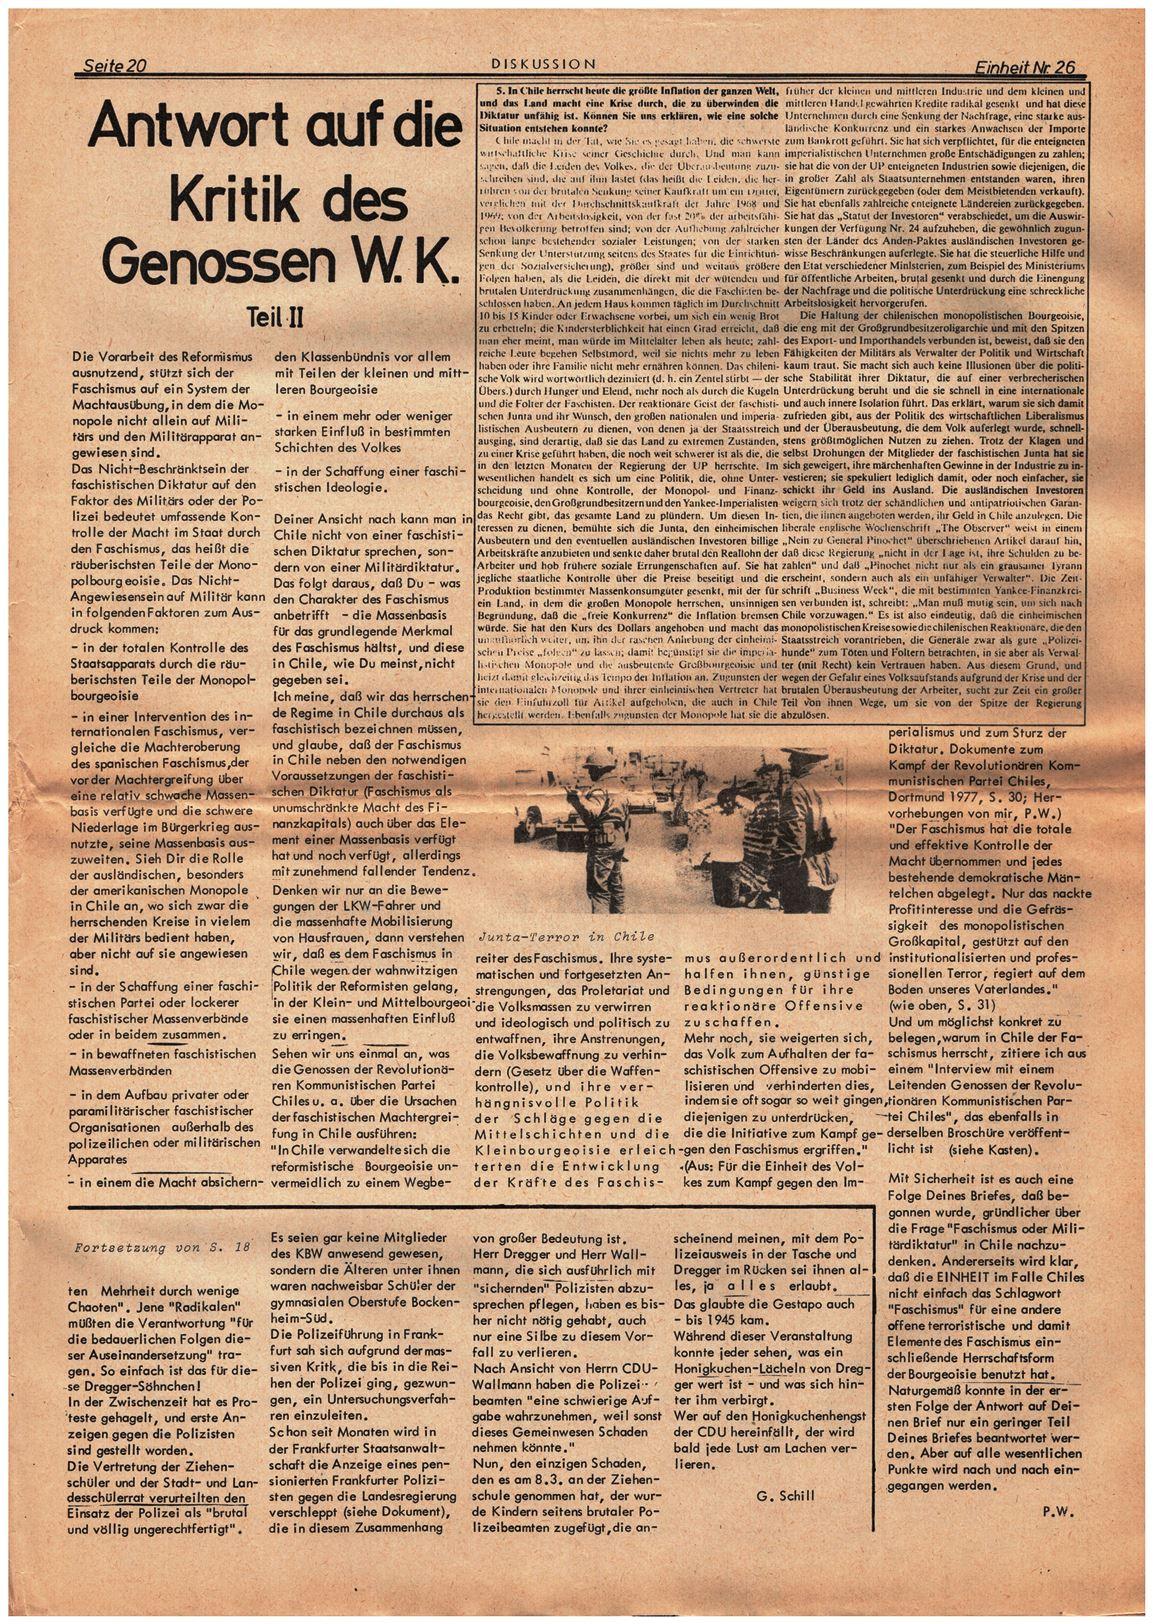 Koeln_IPdA_Einheit_1978_026_020